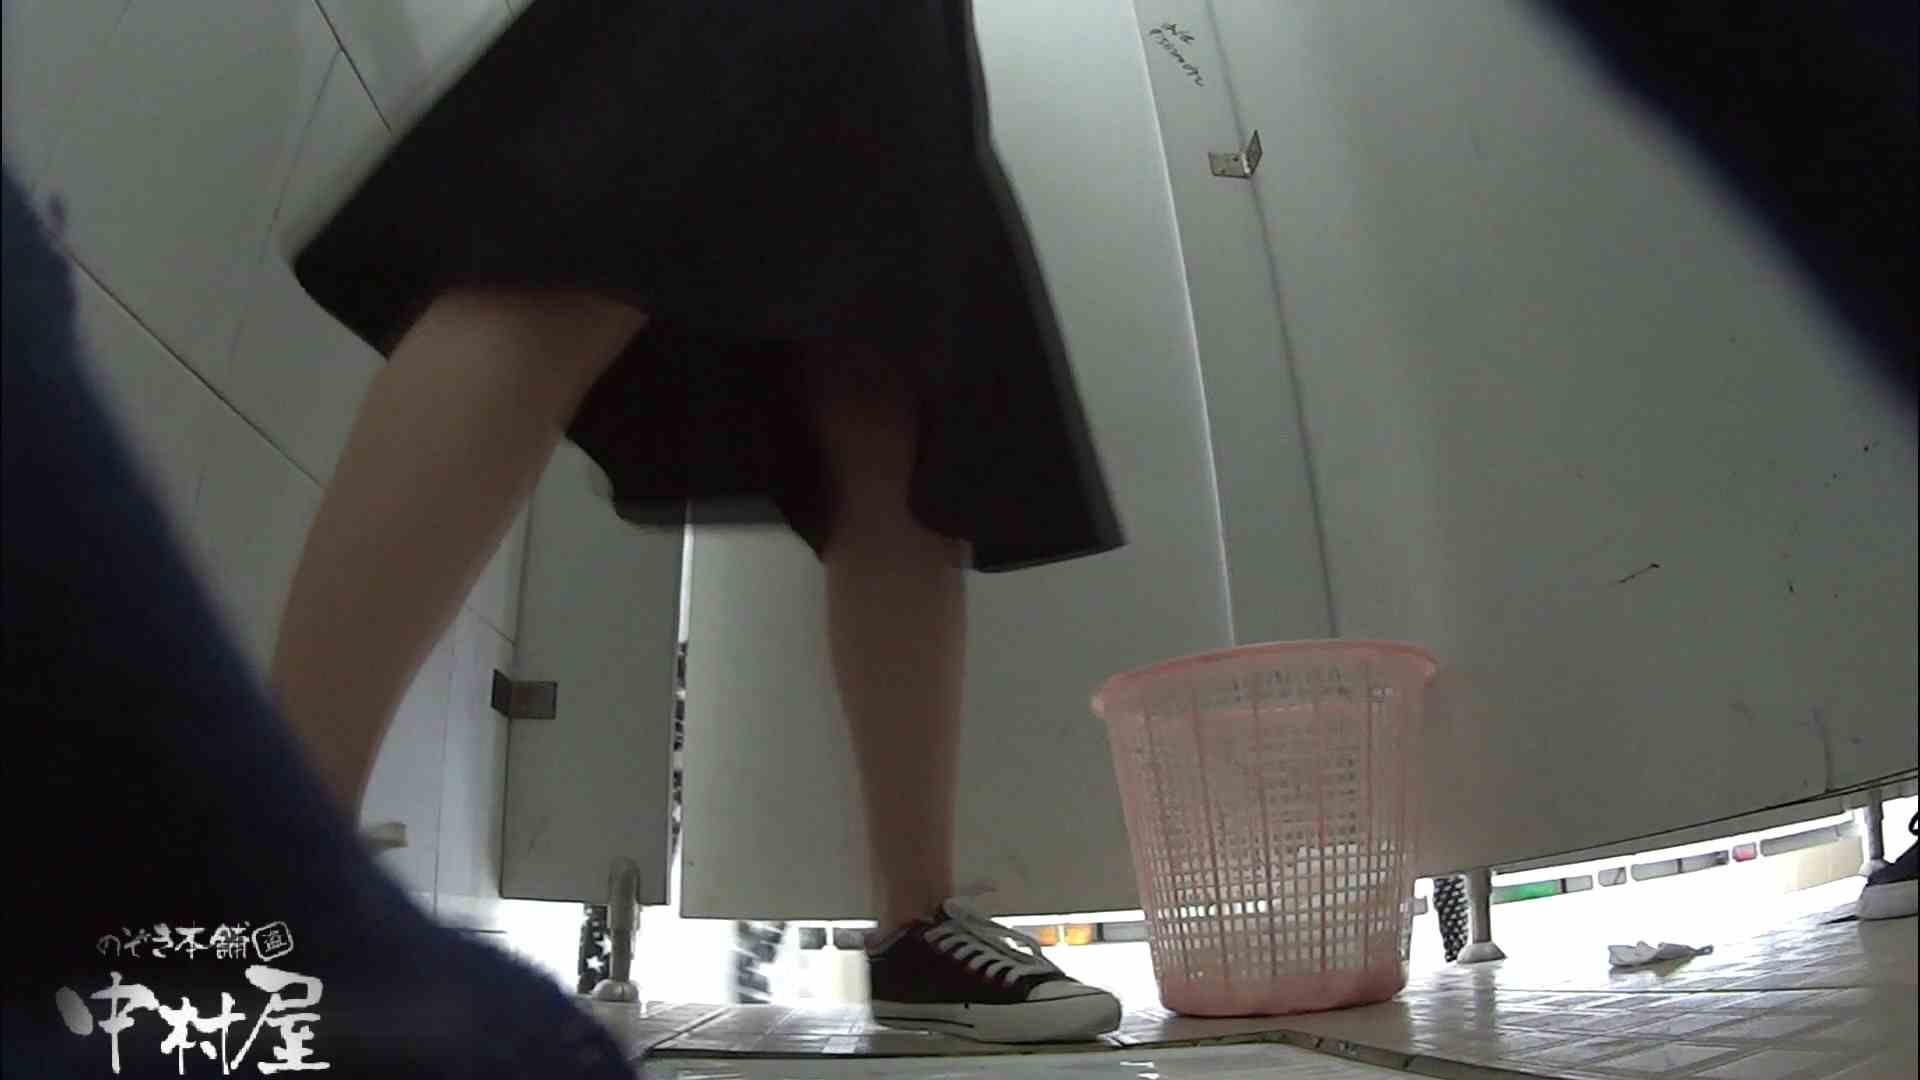 名大学休憩時間の洗面所事情01 女体盗撮 覗き性交動画流出 88連発 2